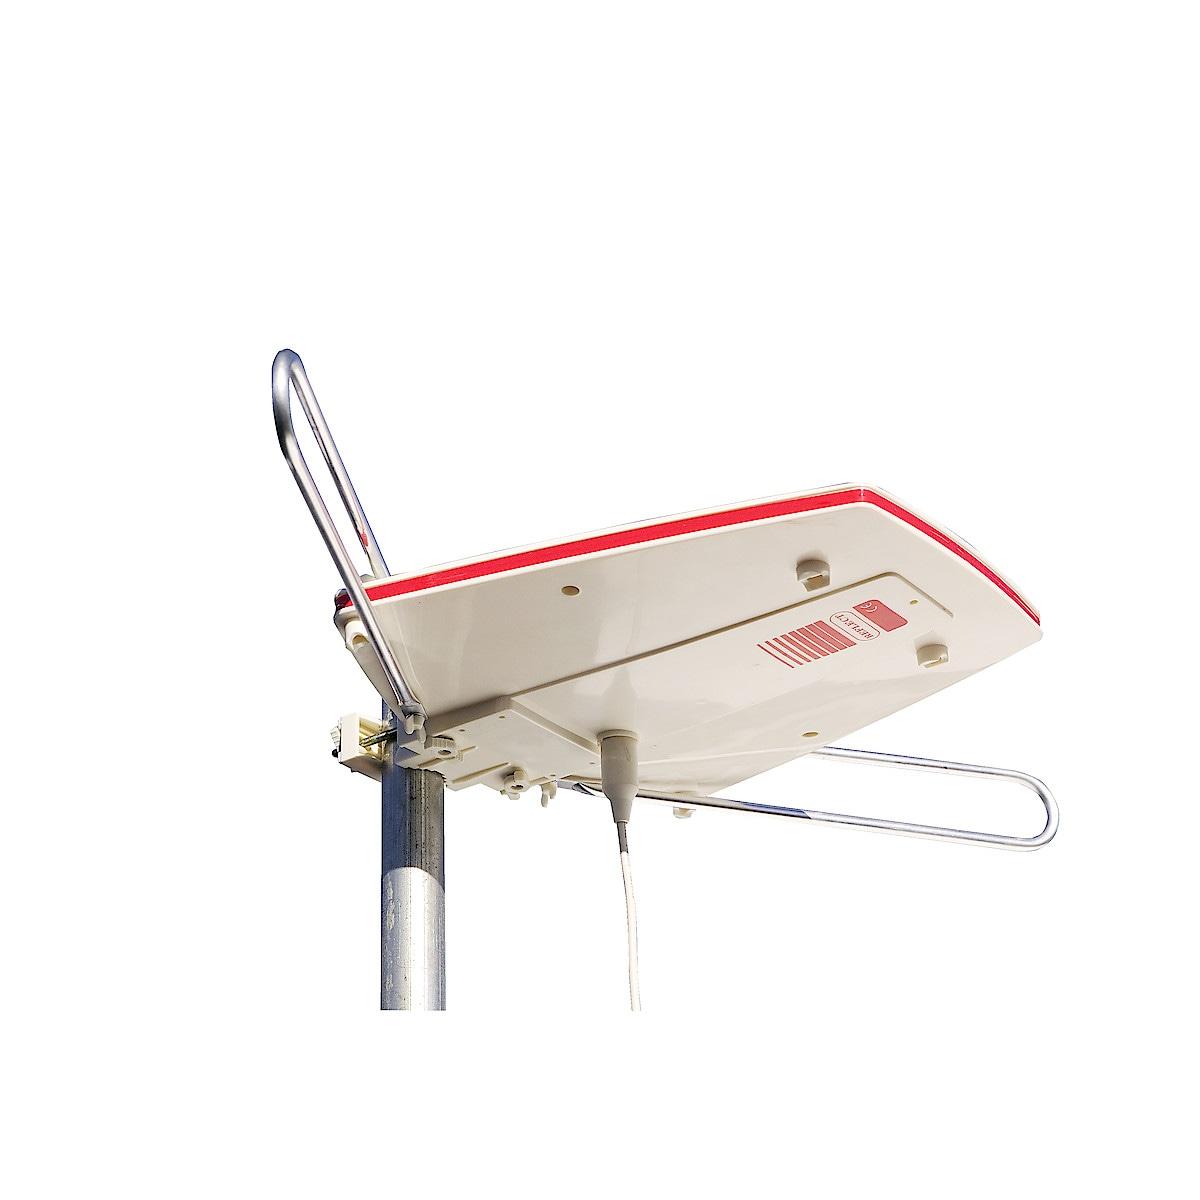 Wohnwagen-Antenne